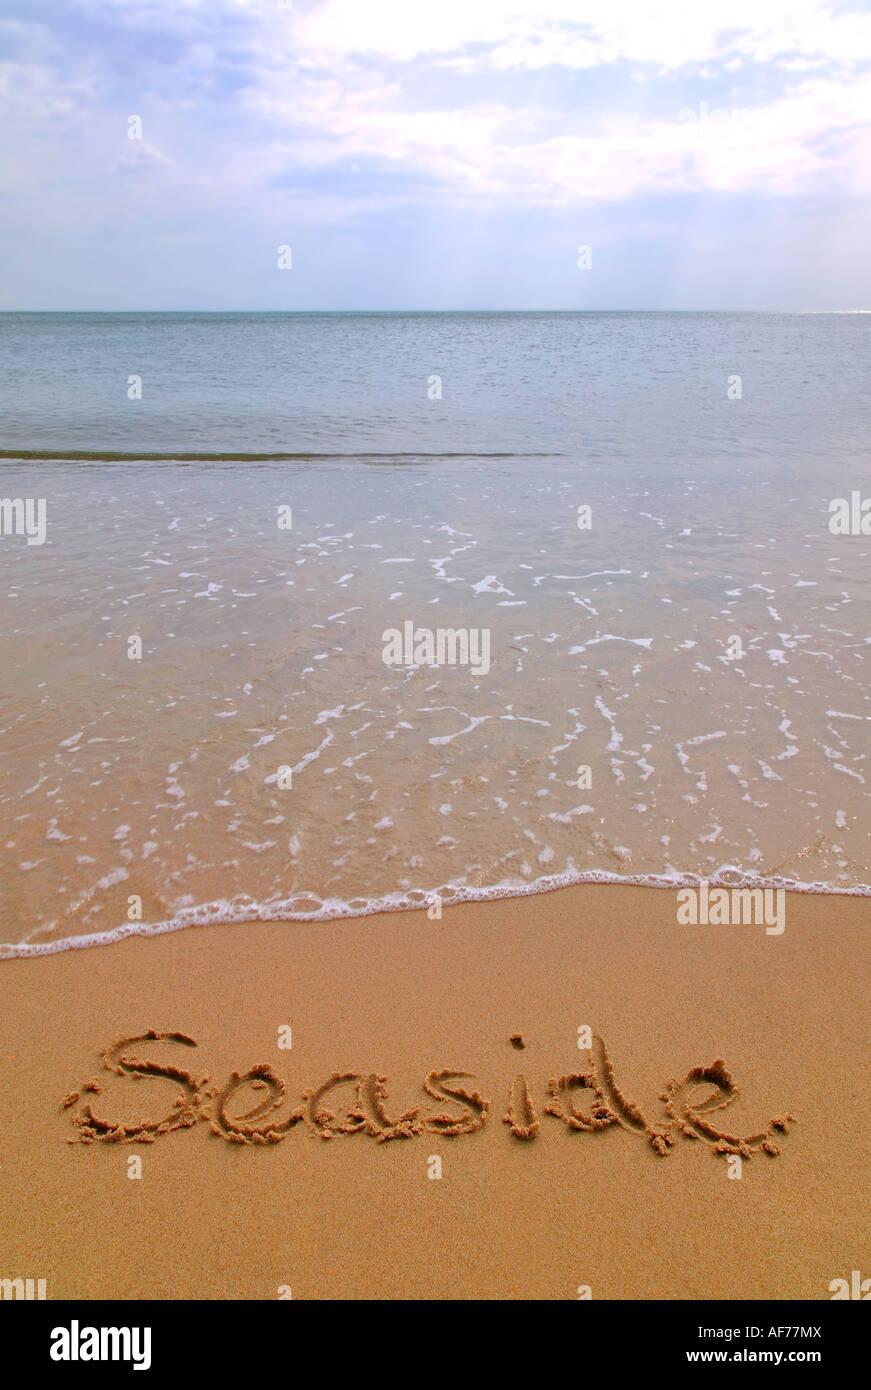 Seaside written in sand on a beach - Stock Image